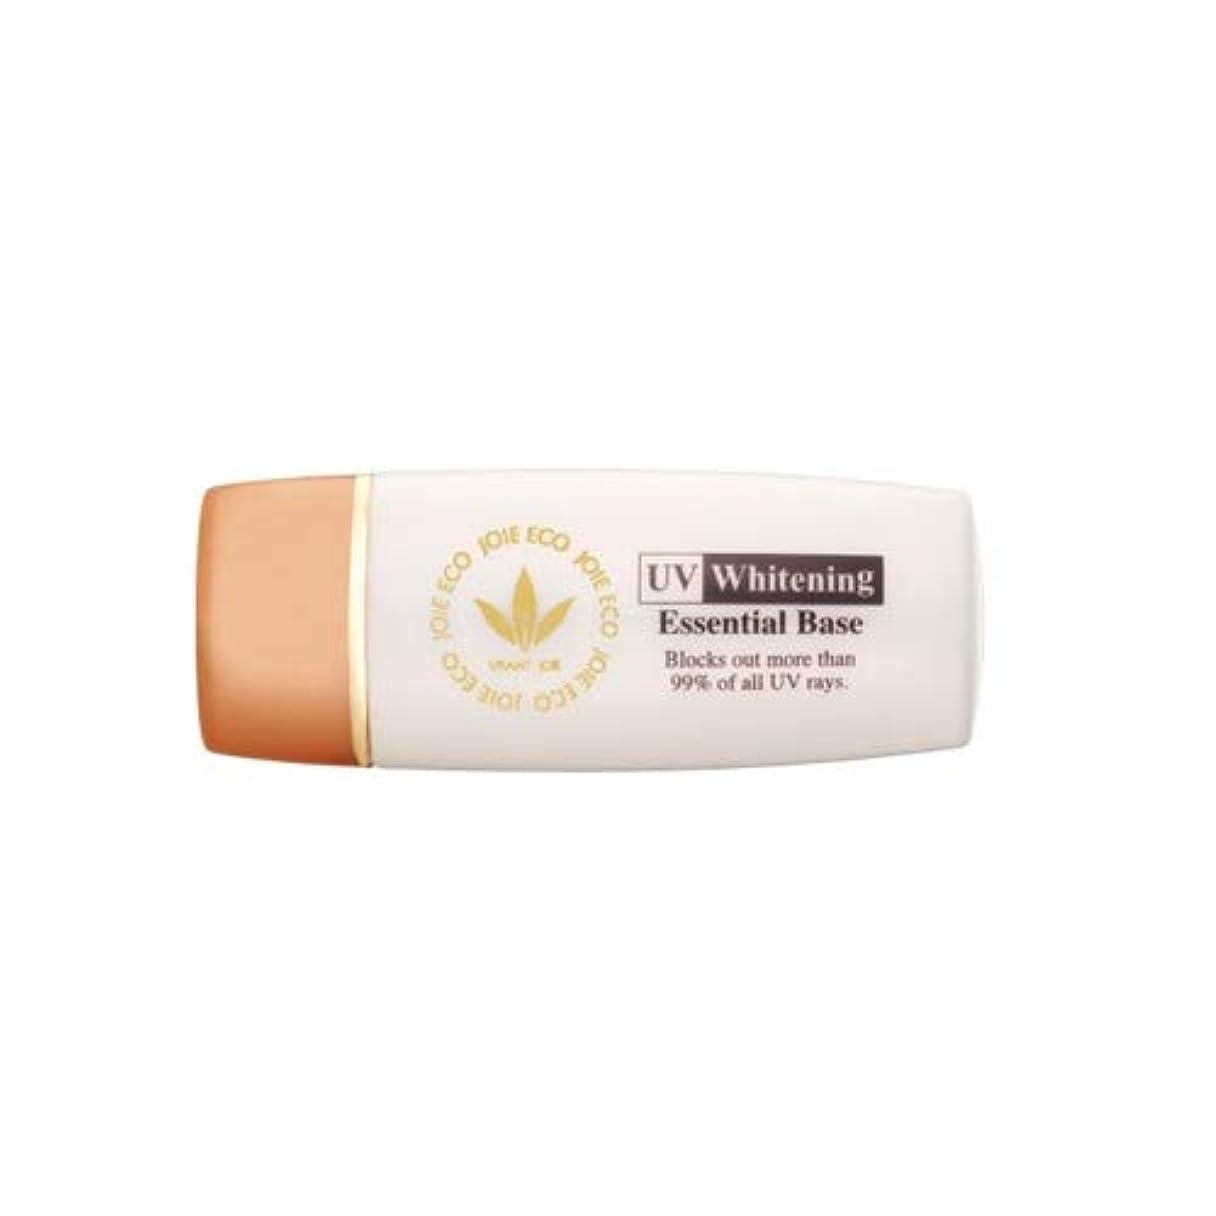 教室硫黄抽出ビーバンジョア VIVANTJOIE 「薬用UV美白エッセンシャルベース」 12ml 470AC